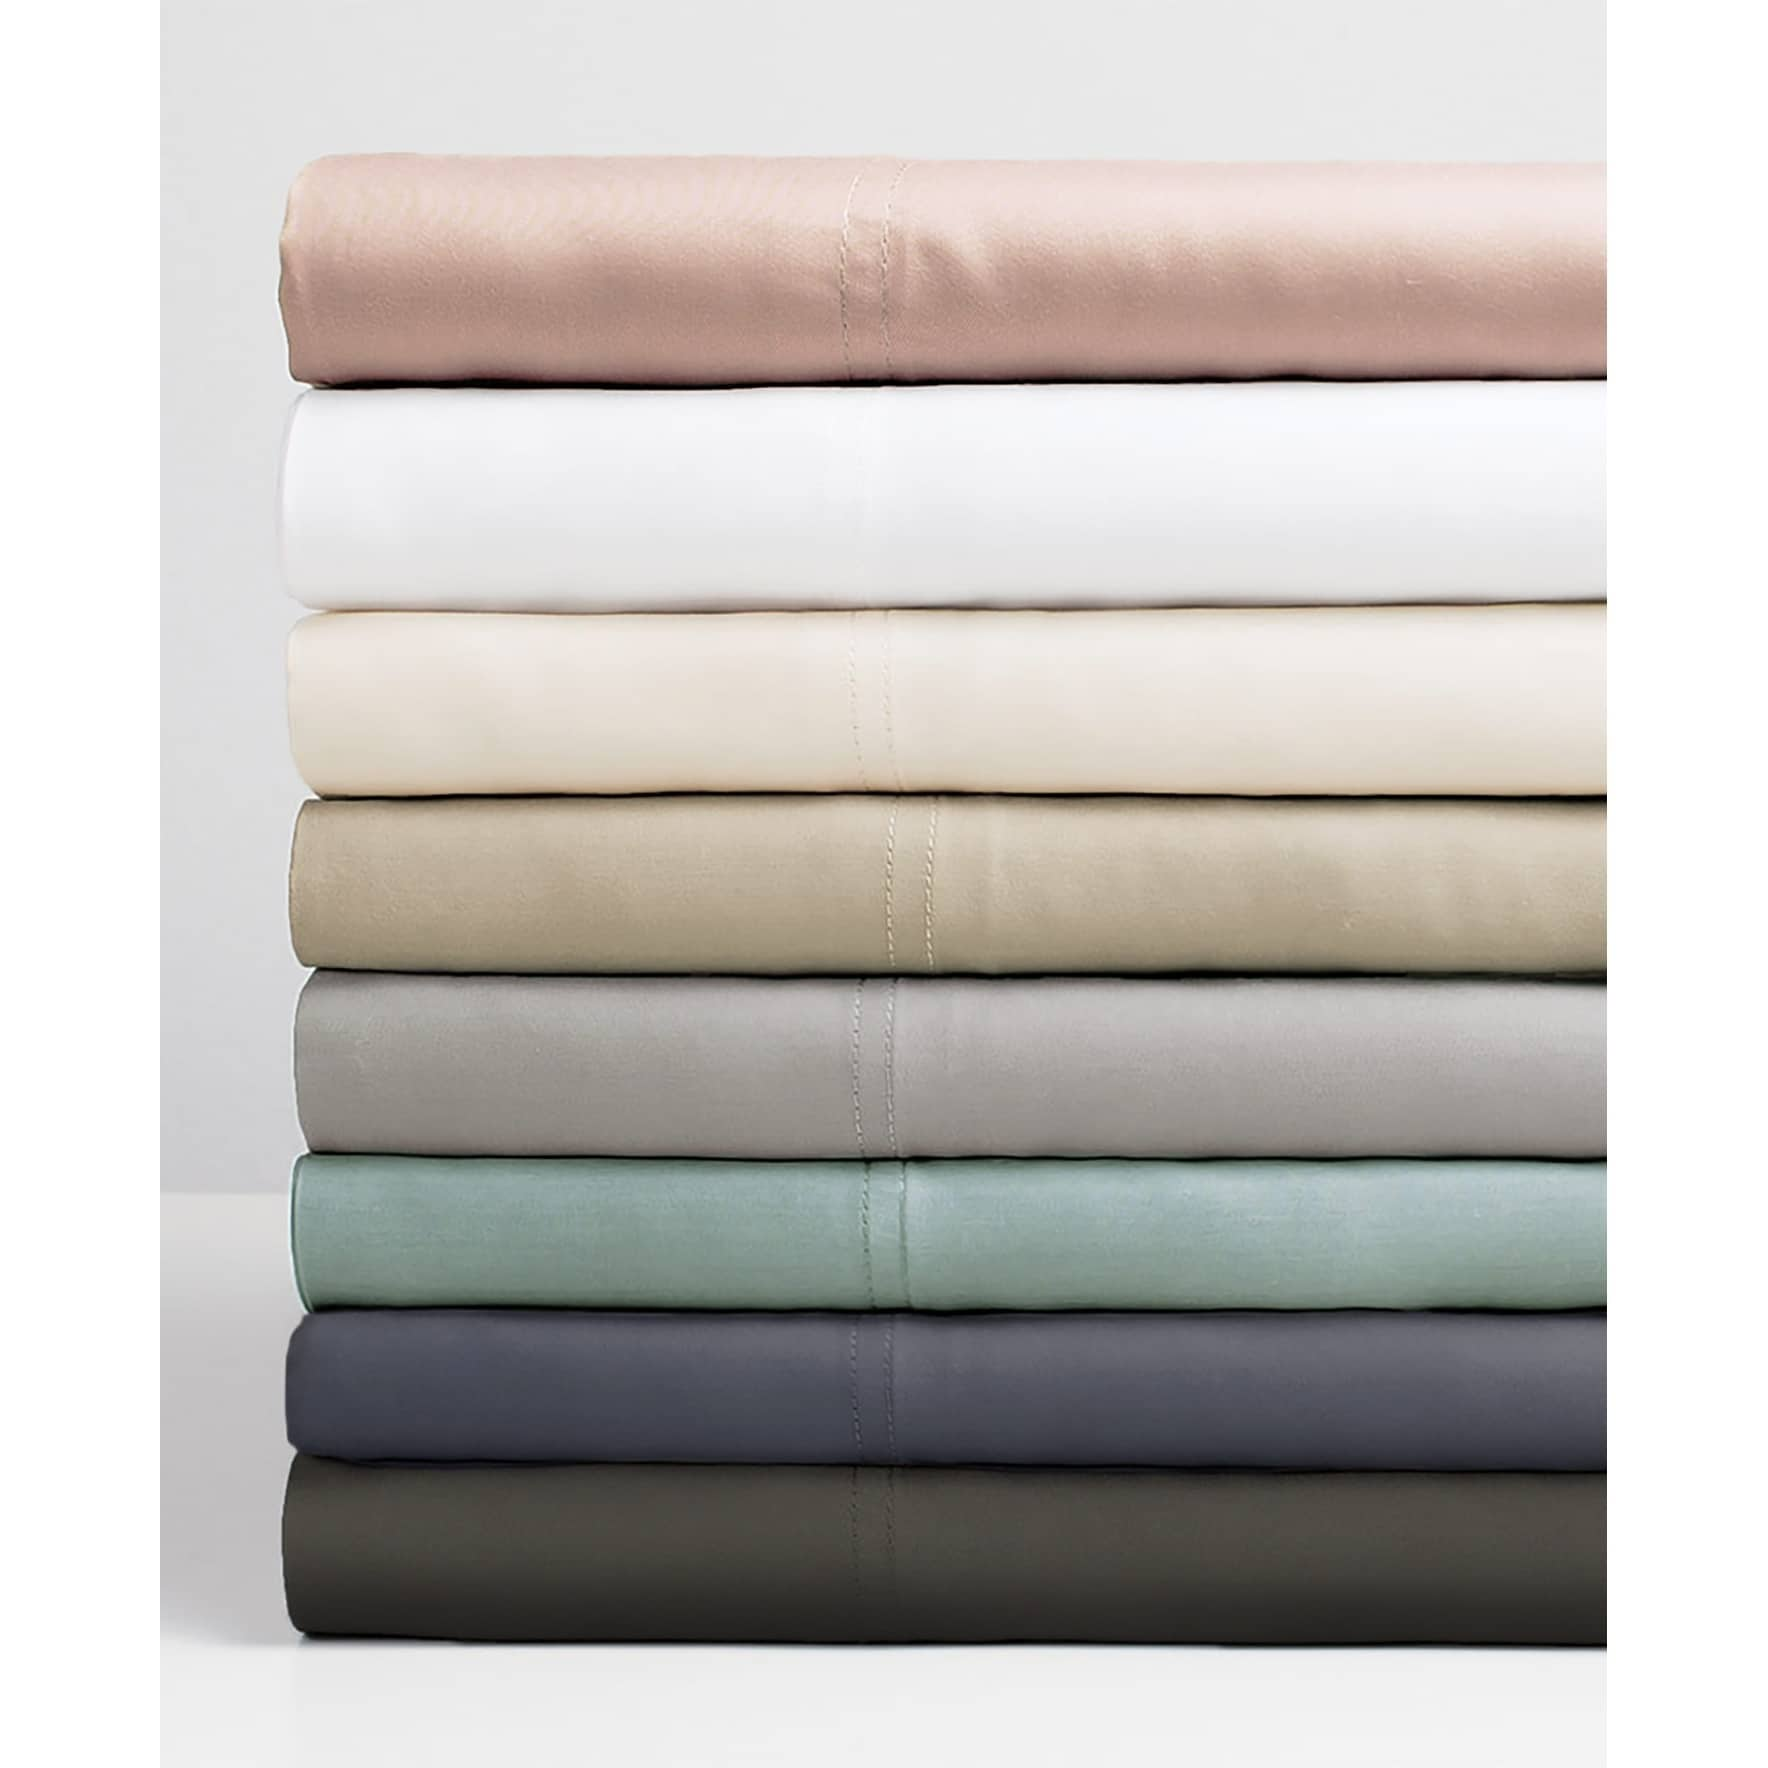 af0e10d57d2 King Size Cariloha Bed Sheets